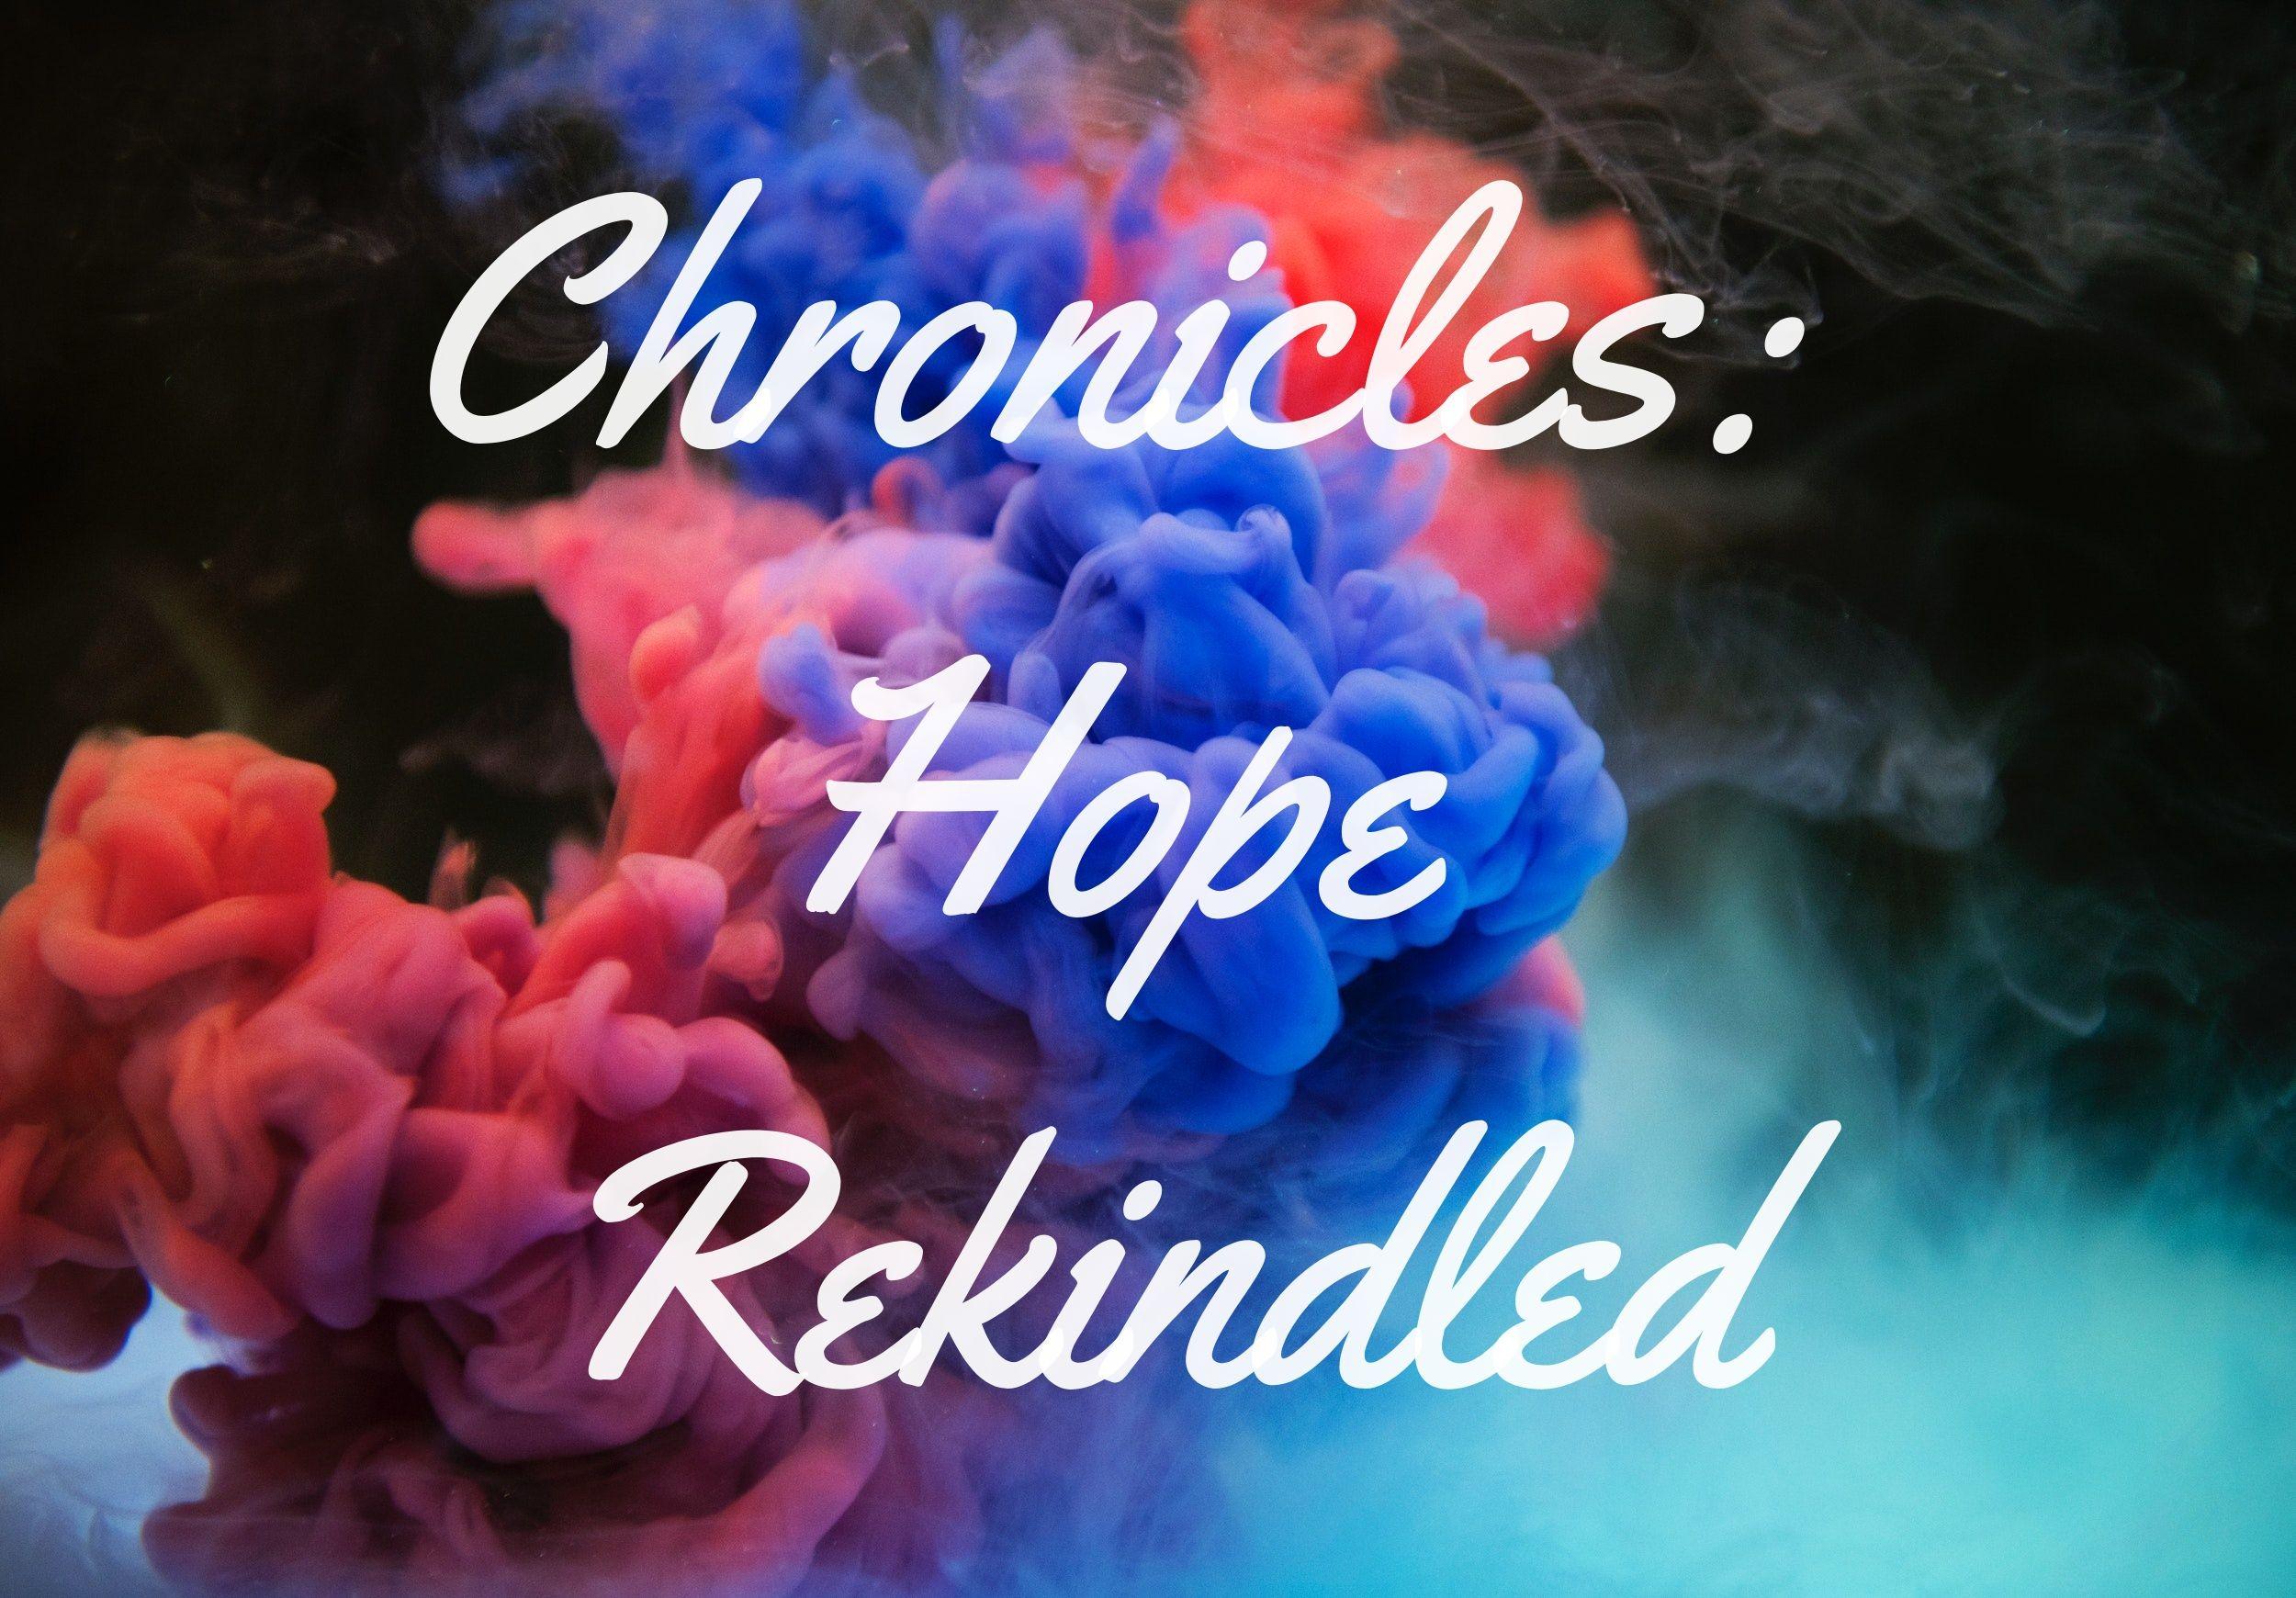 Chronicles series art.jpg